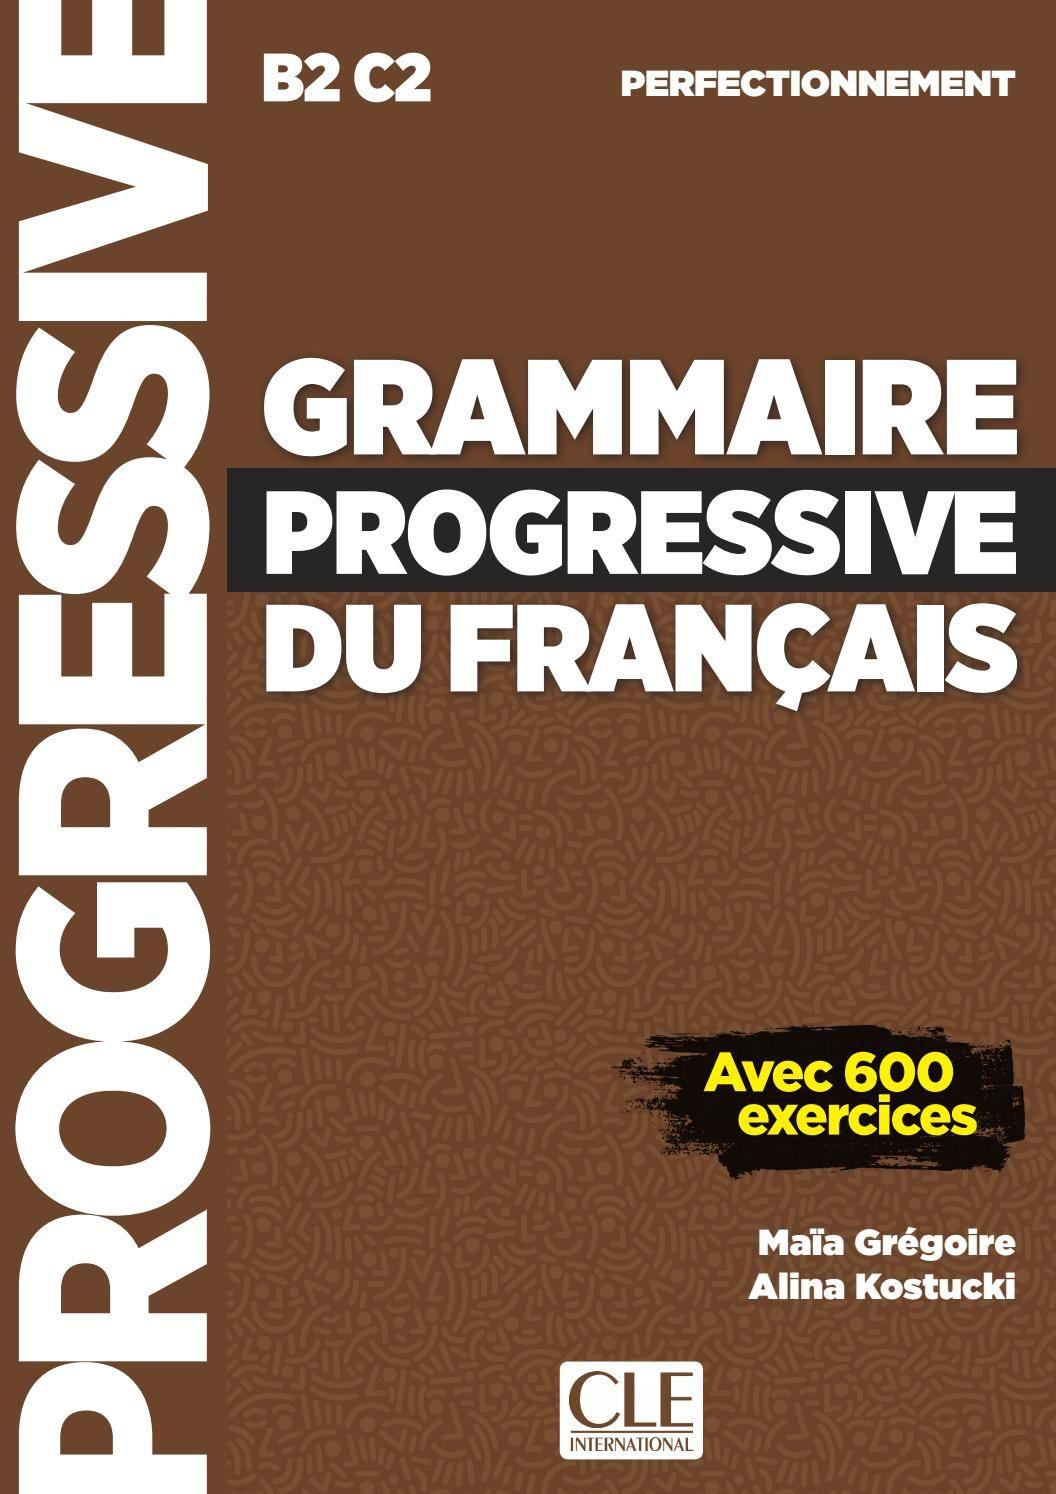 Grammaire Progressive Du Francais Perfectionnement Grammaire Progressive Du Francais Grammaire Telechargement